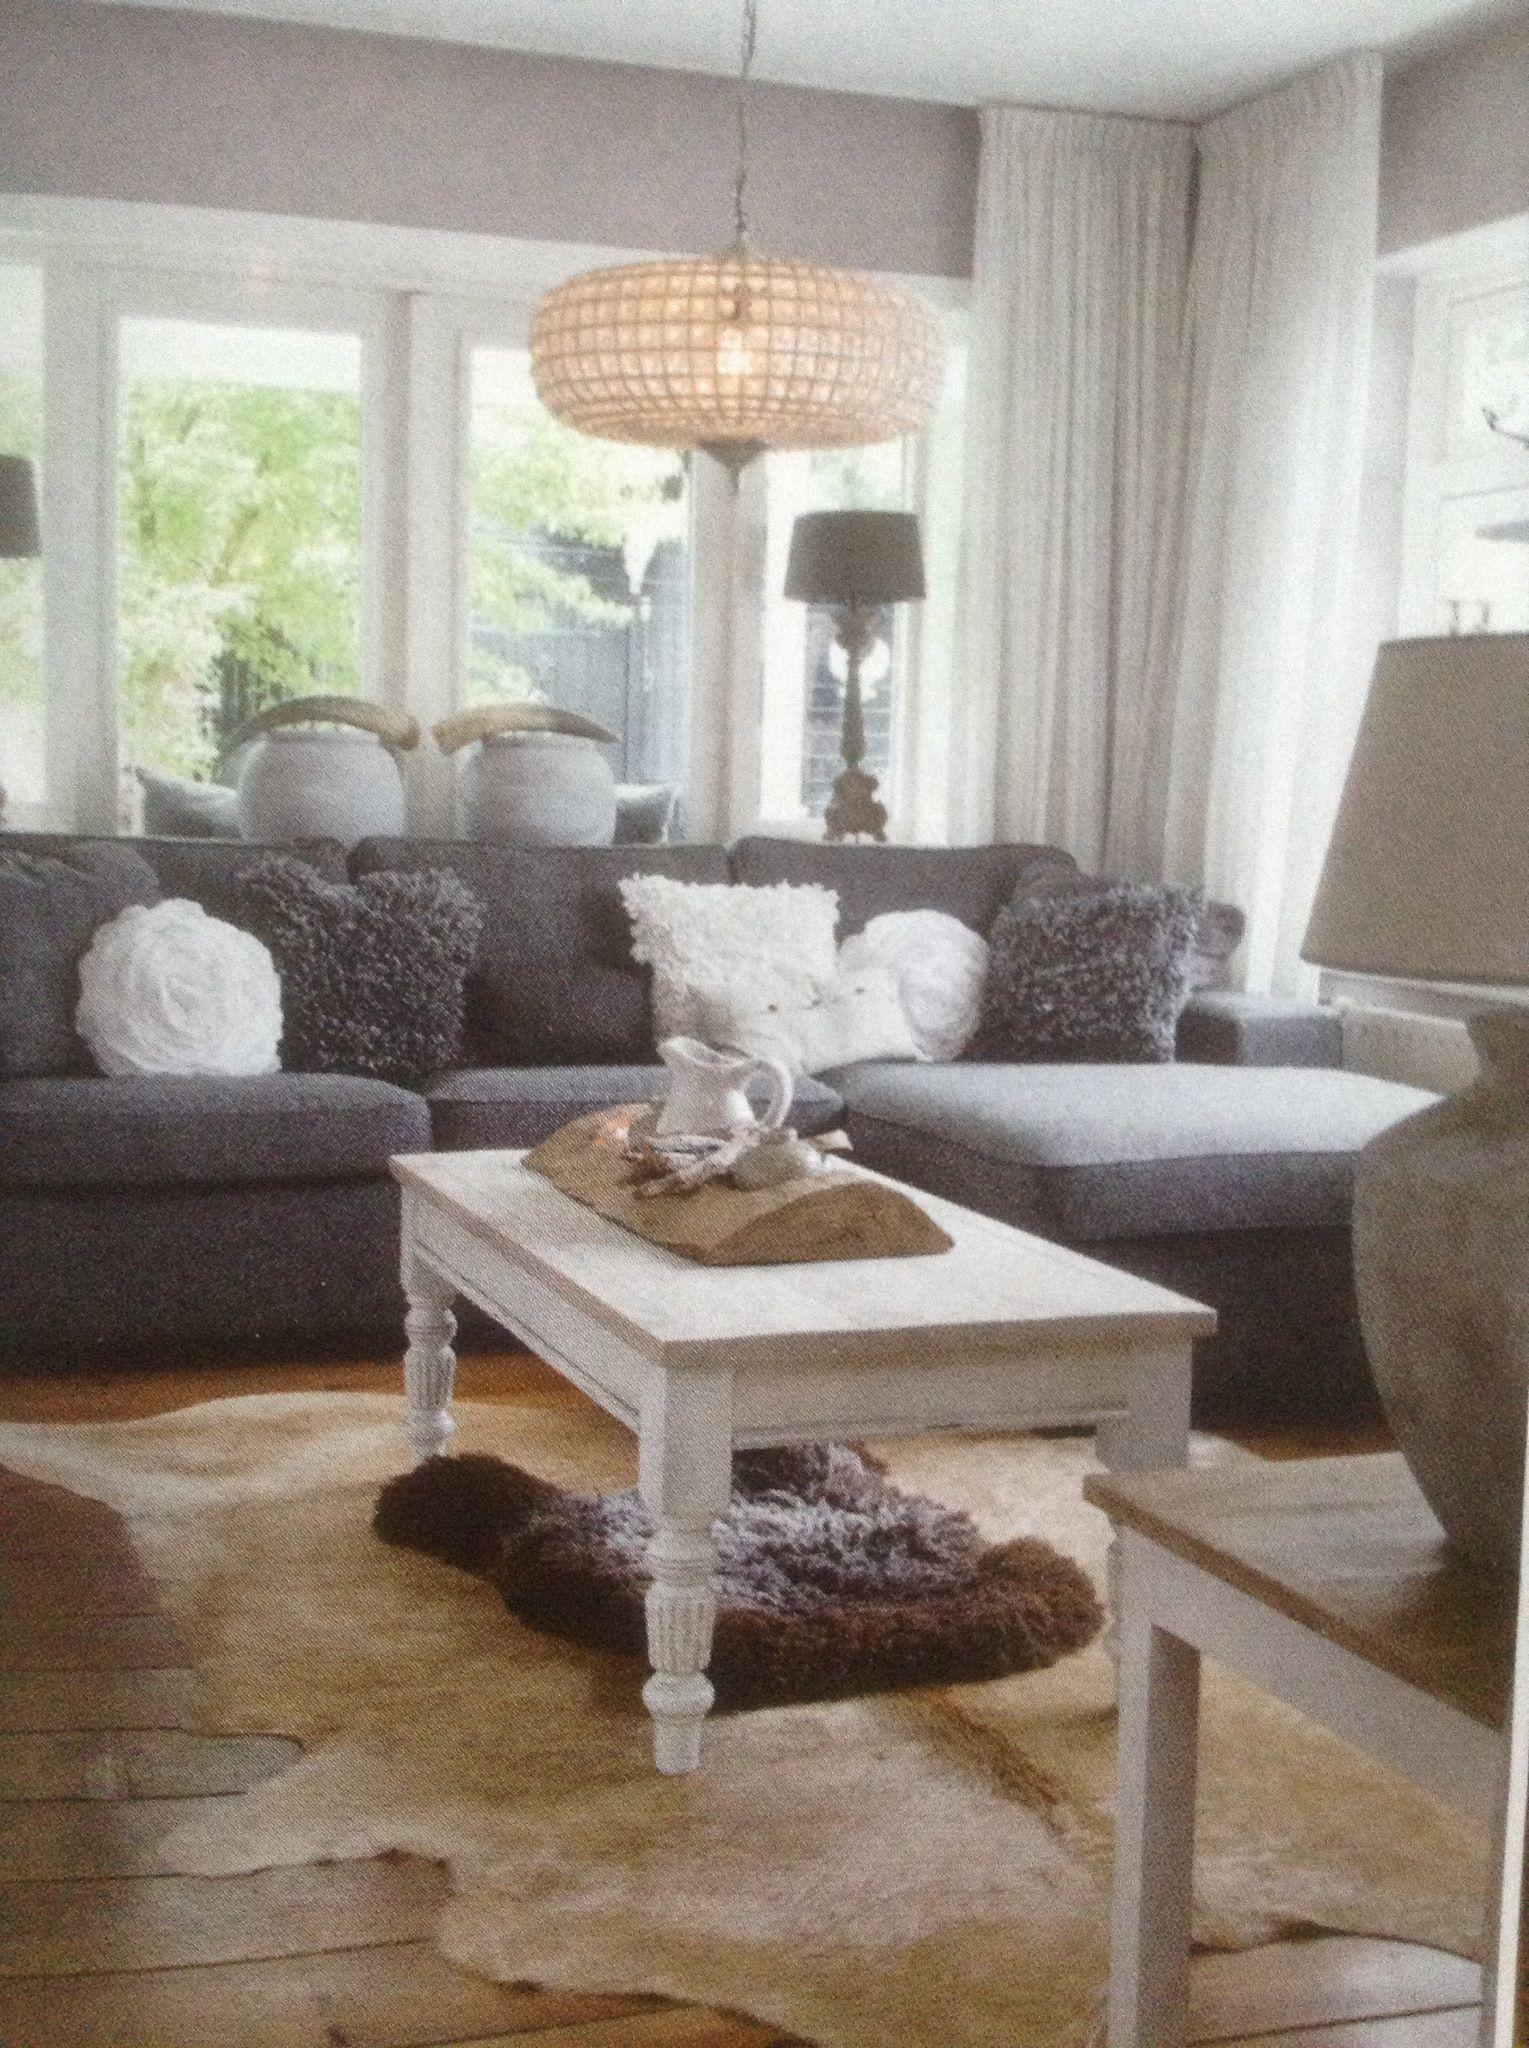 Sfeerplaatje woonkamer - wonen landelijke stijl- | Cozy * Home III ...